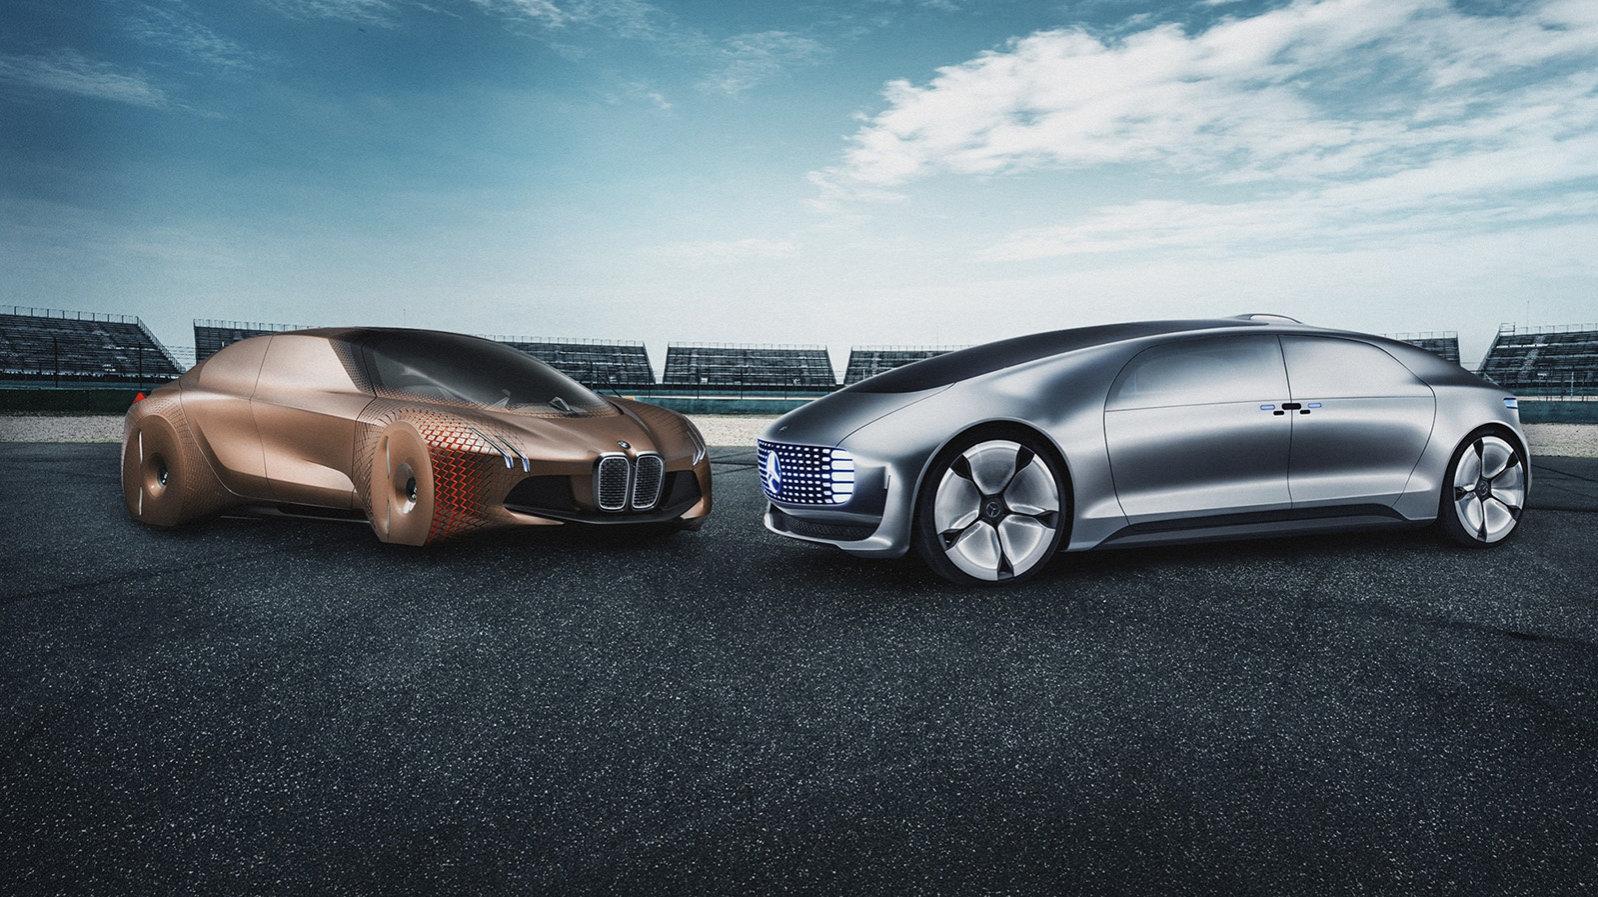 К 2024 году автомобили Mercedes и BMW смогут передвигаться по автобану без участия человека